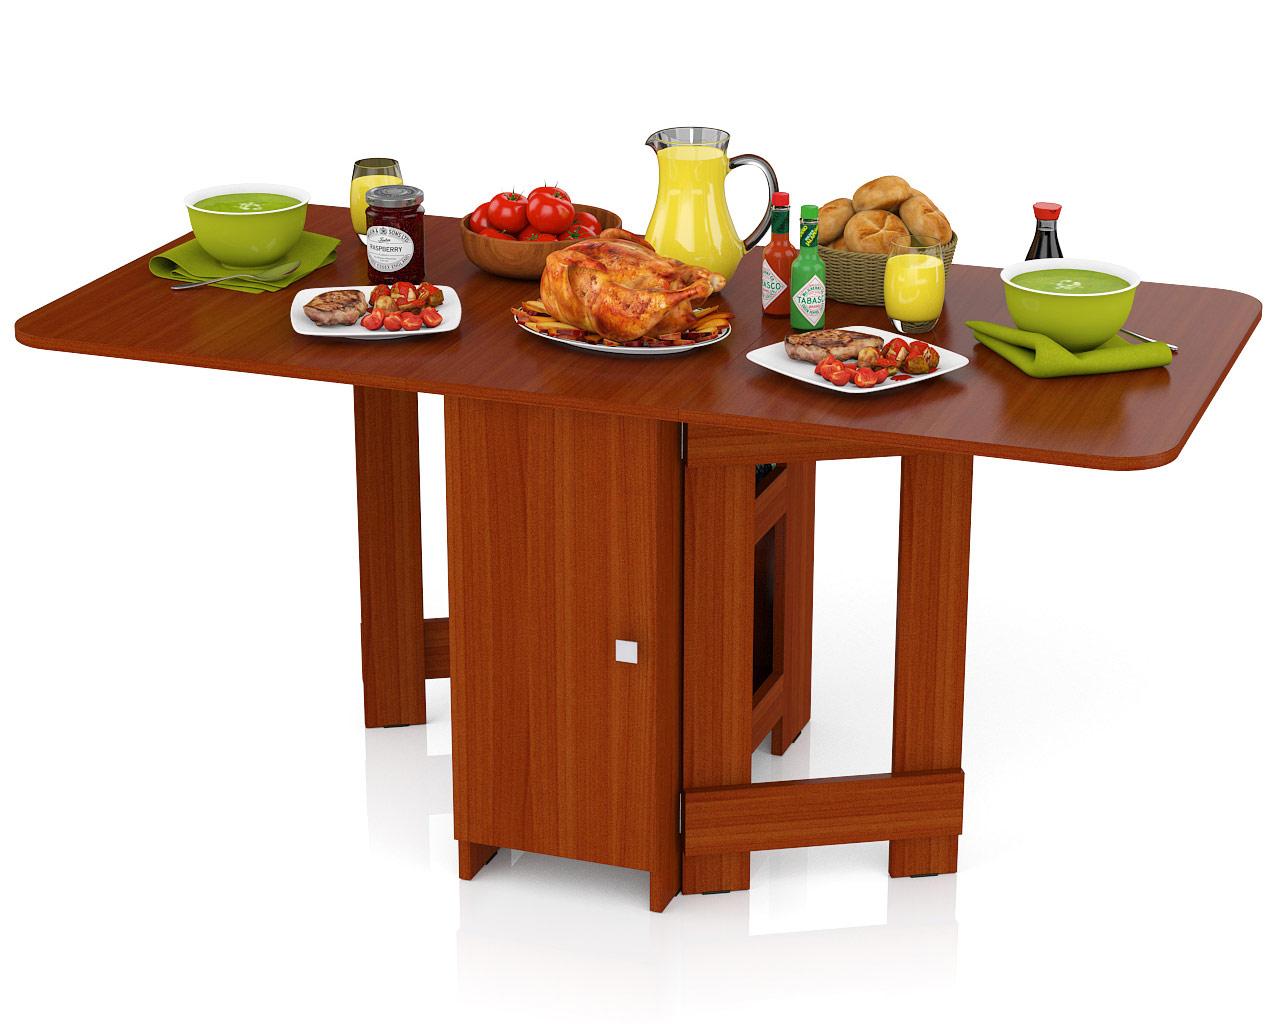 Стол-книжка обеденный Мебельный Двор СО-03 яблоня 163х80х75 см., сложенный 42х80х75 см. фото